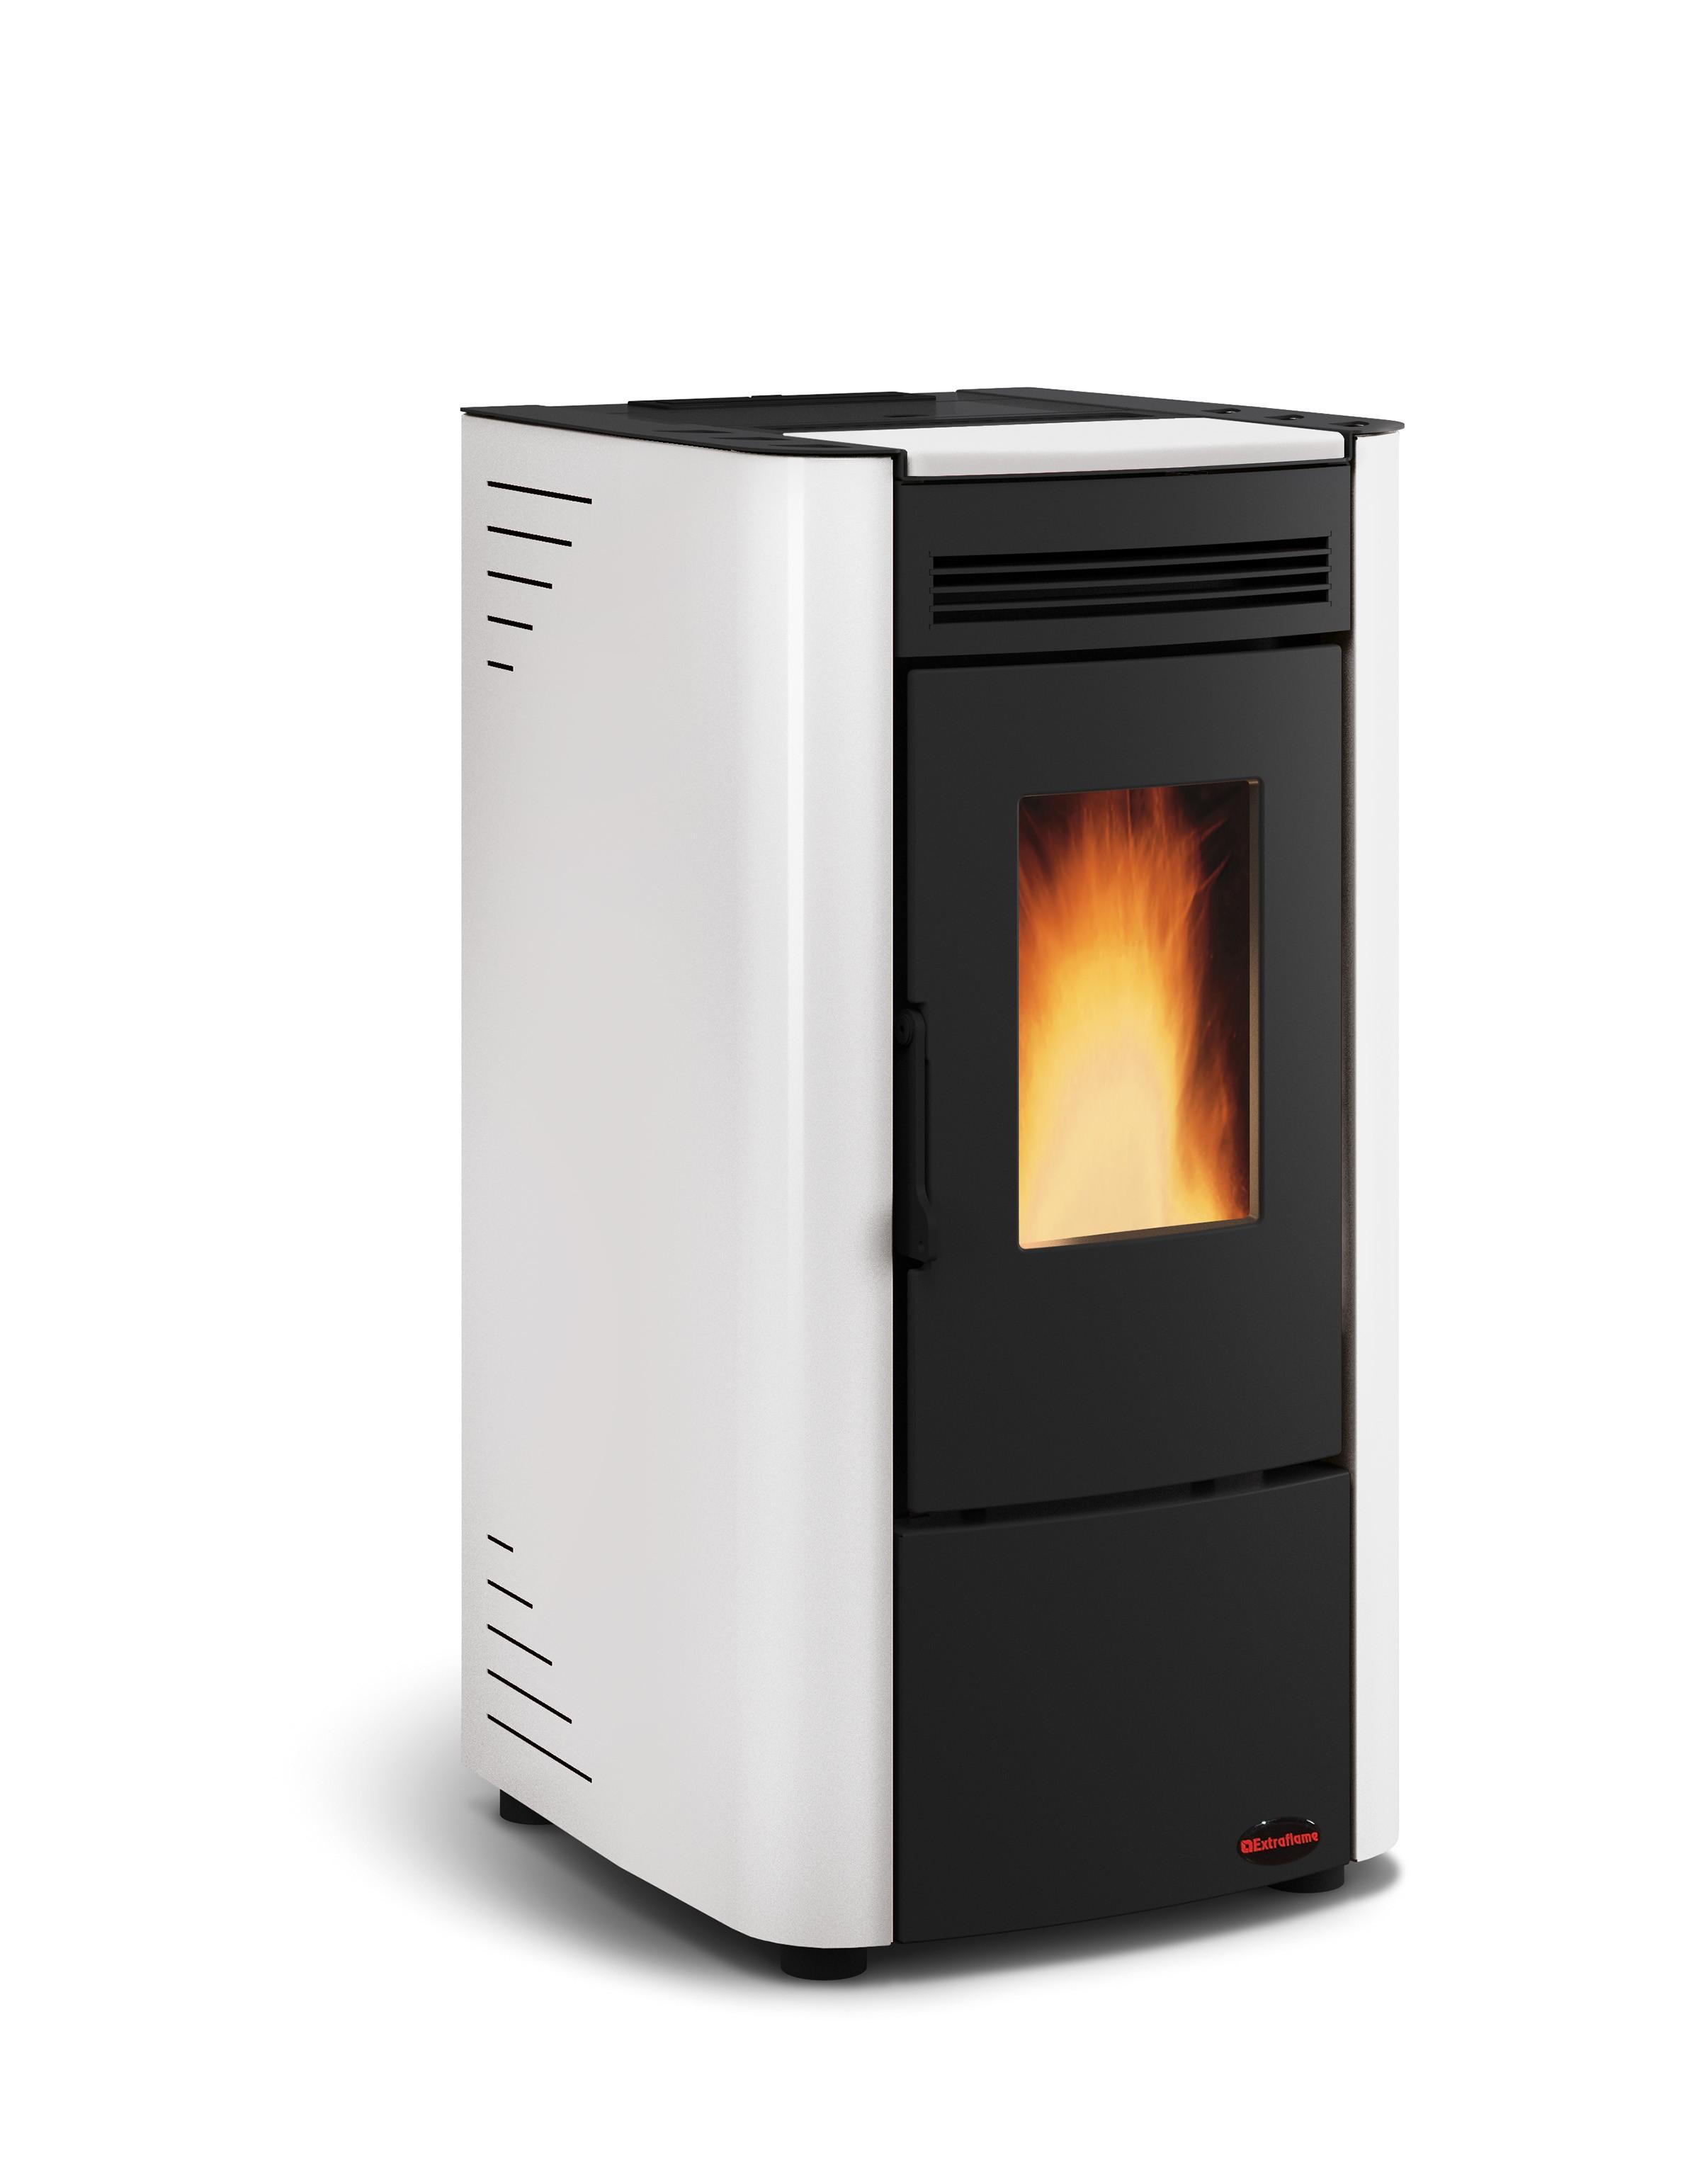 distributeur air chaud poele a bois. Black Bedroom Furniture Sets. Home Design Ideas